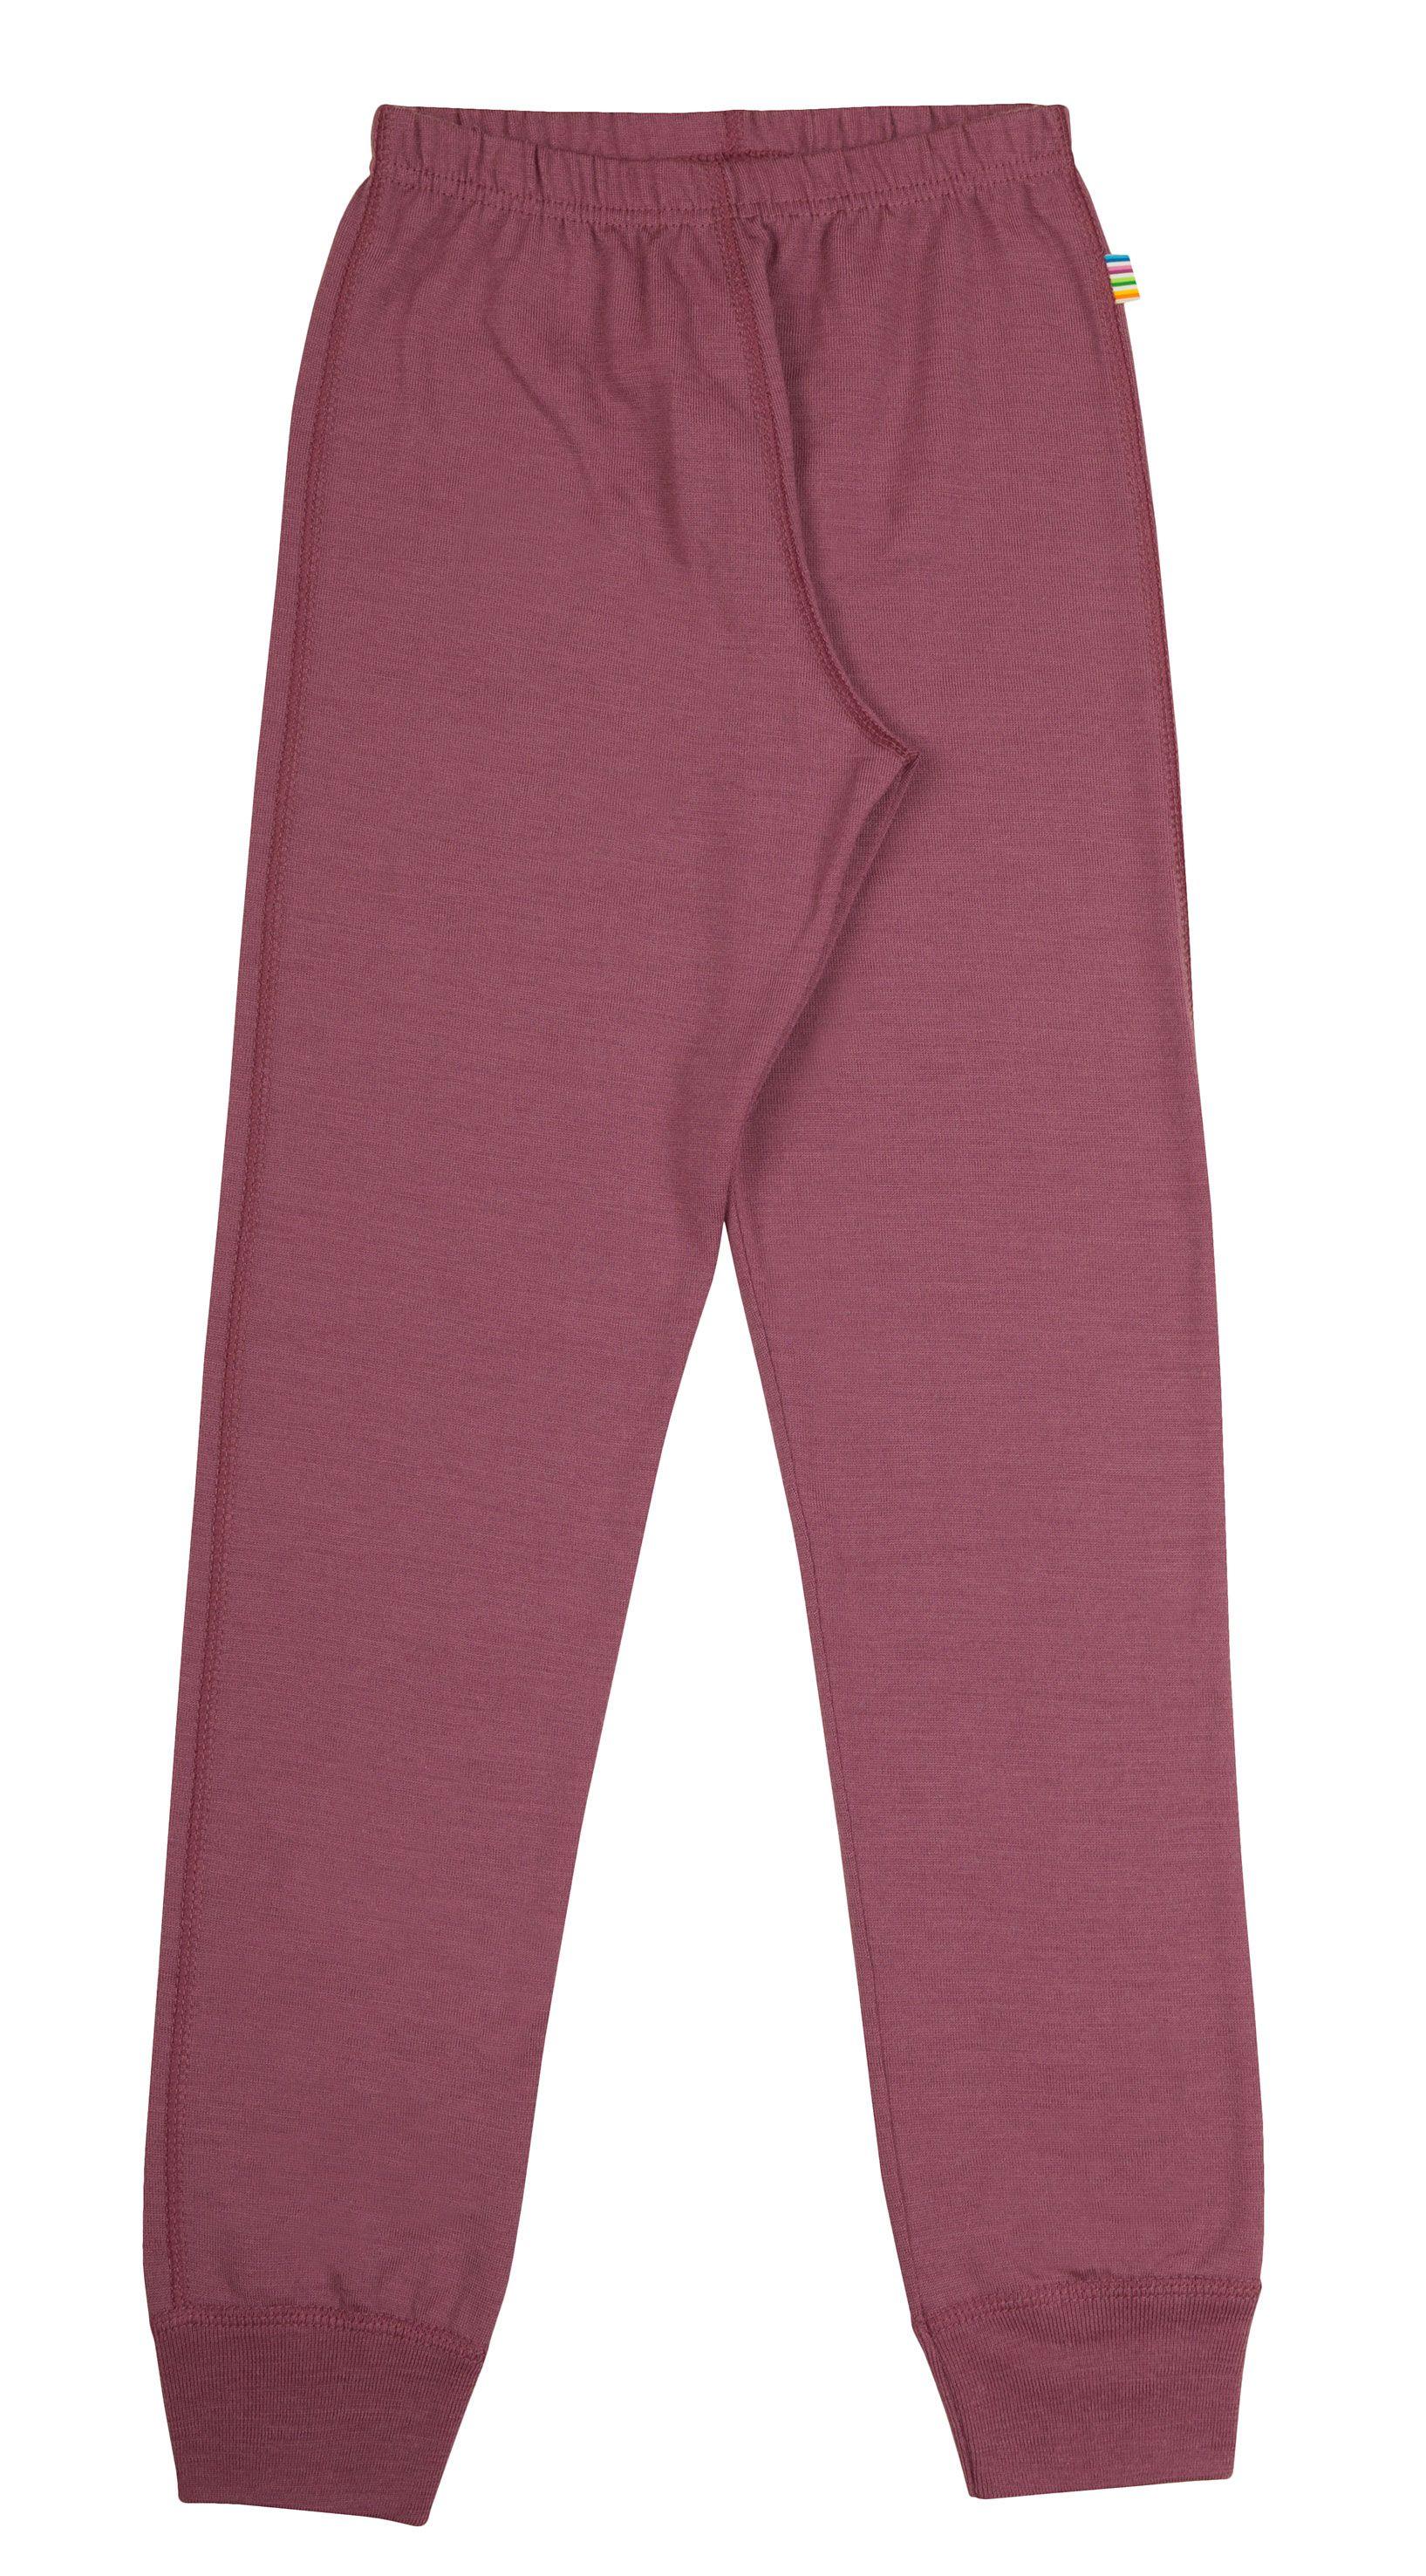 Image of Leggings fra Joha i uld i Plum (25643-348-15670)